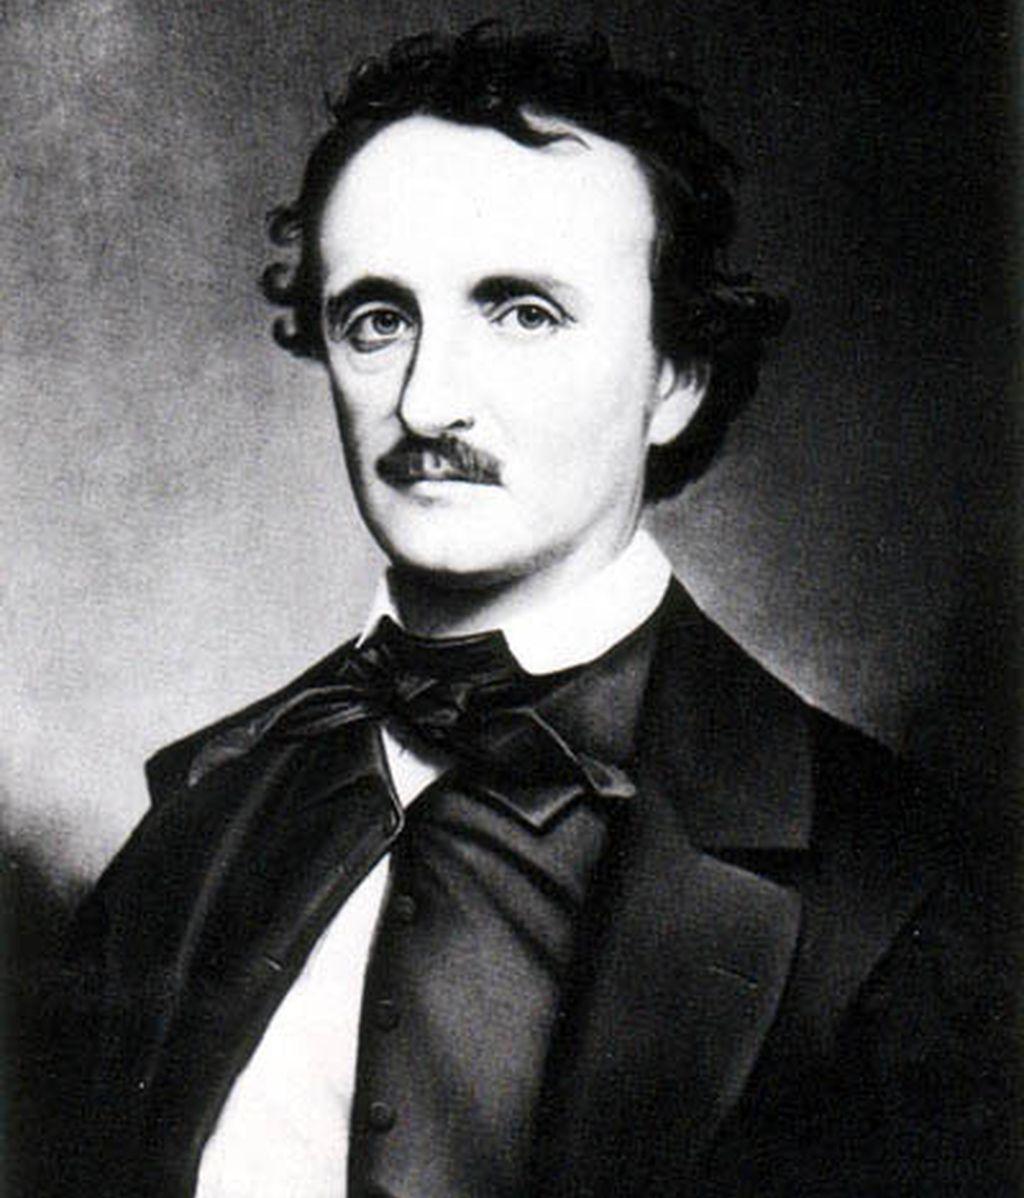 Edgar Allan Poe destacó como poeta, crítico y periodista romántico.